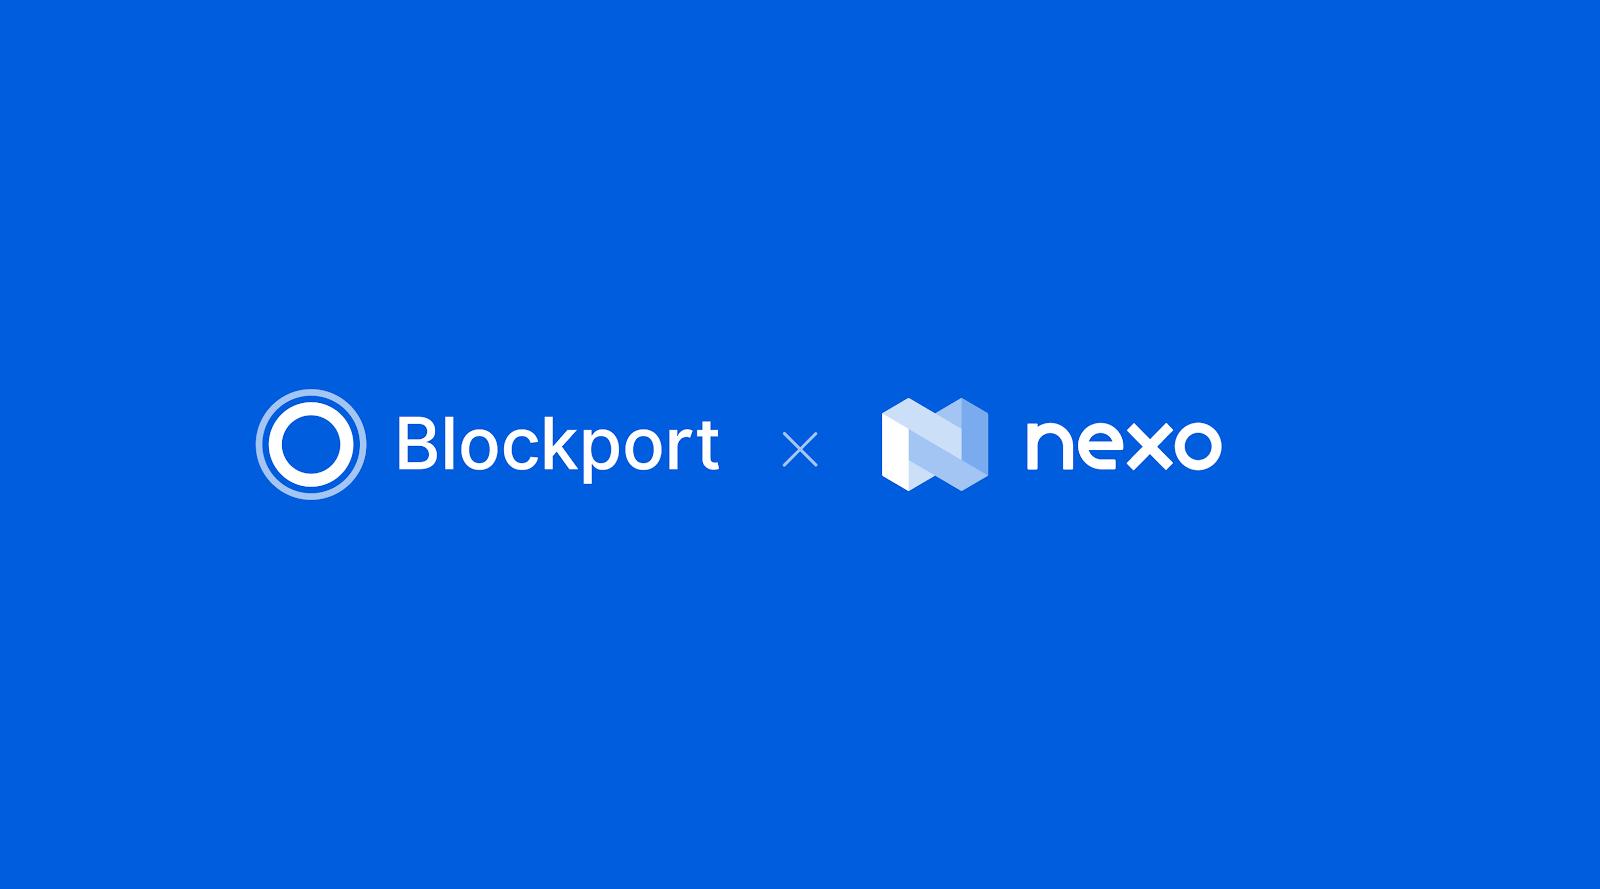 Blockport---Nexo